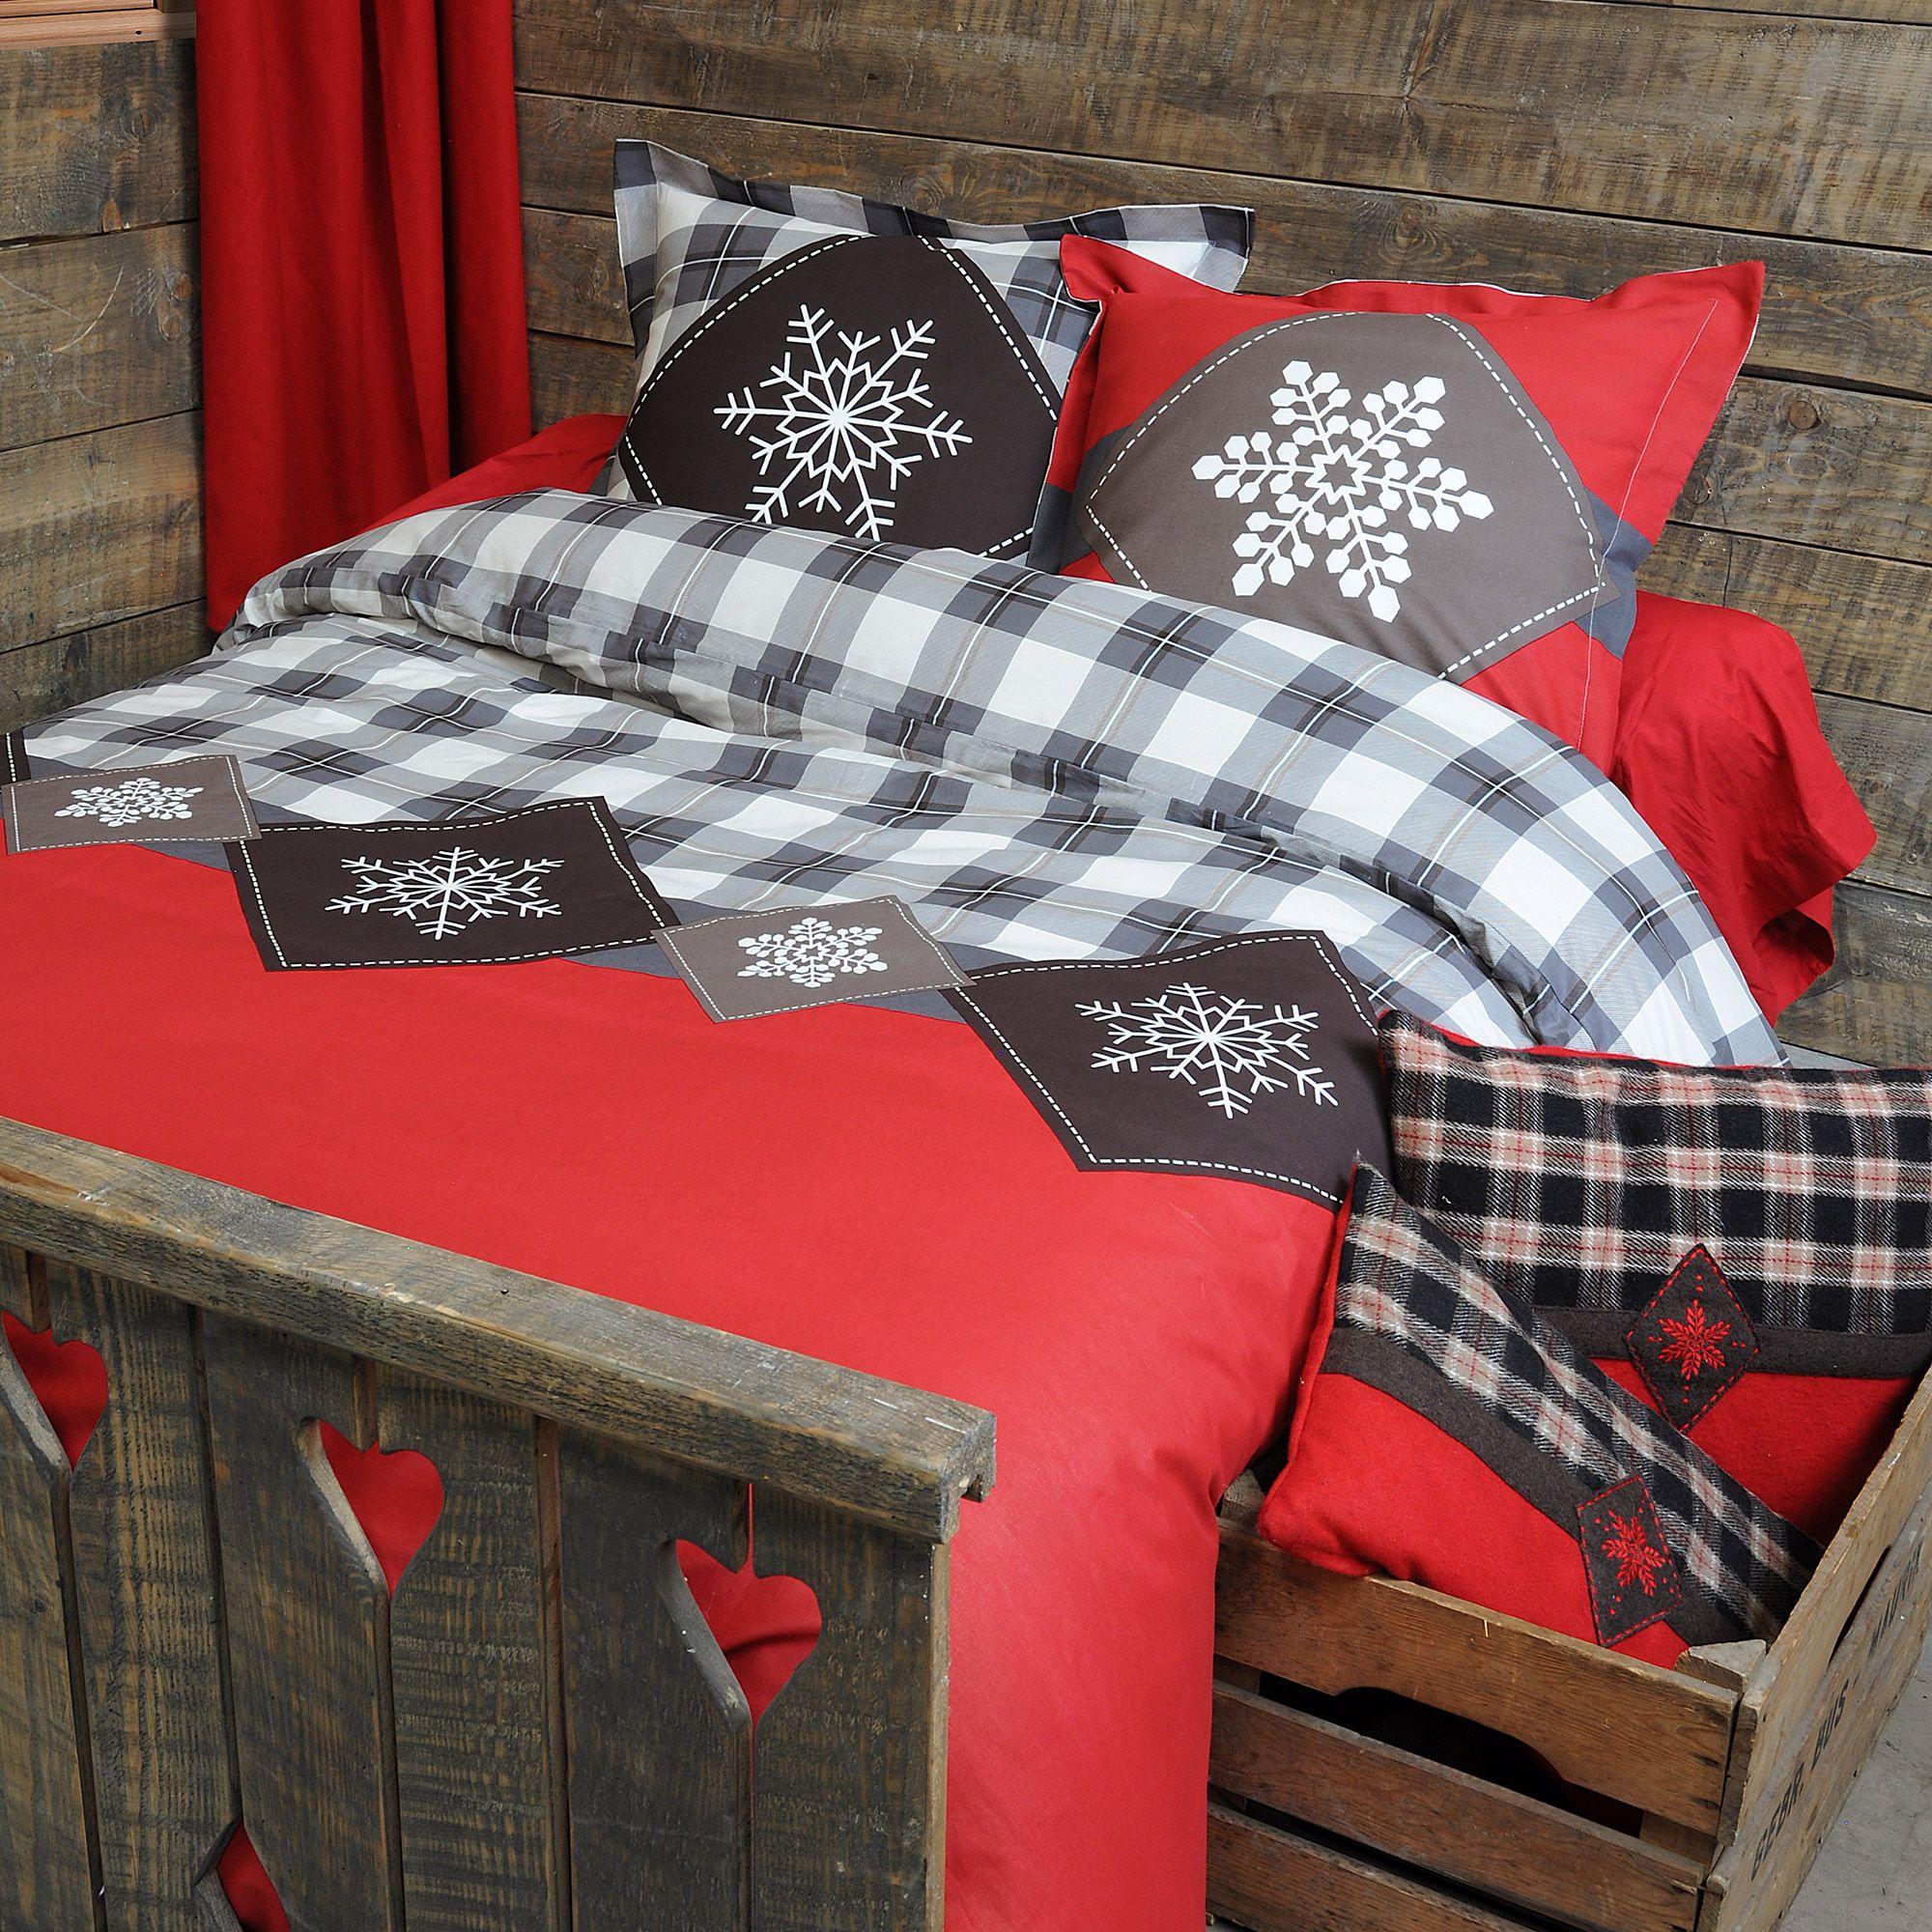 Du Rouge Des Carreaux Esprit Chalet De Montagne Pour Lit Douillet Idees De Meubles Housse De Couette Decoration Maison